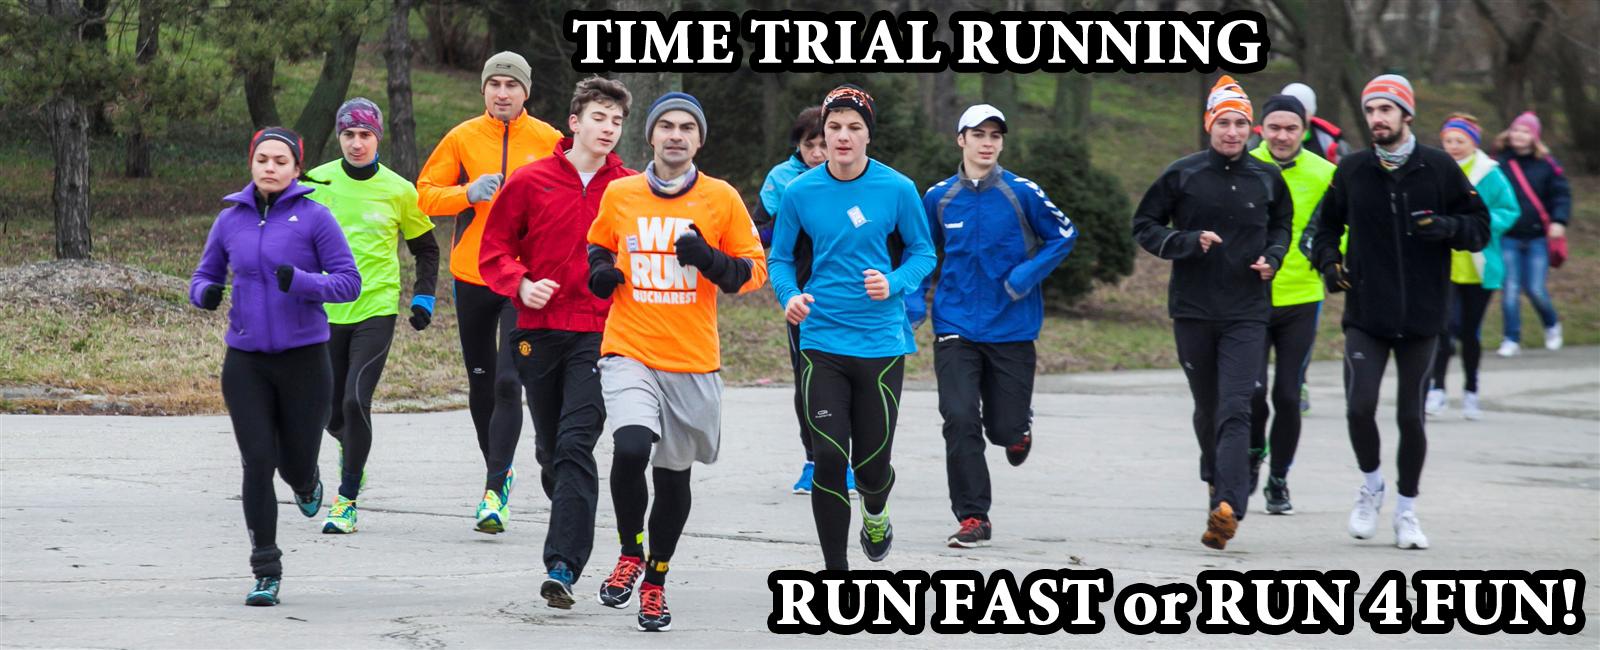 Revenirea continua! – Time Trial Running – Editia a XVI-a – 5 Decembrie